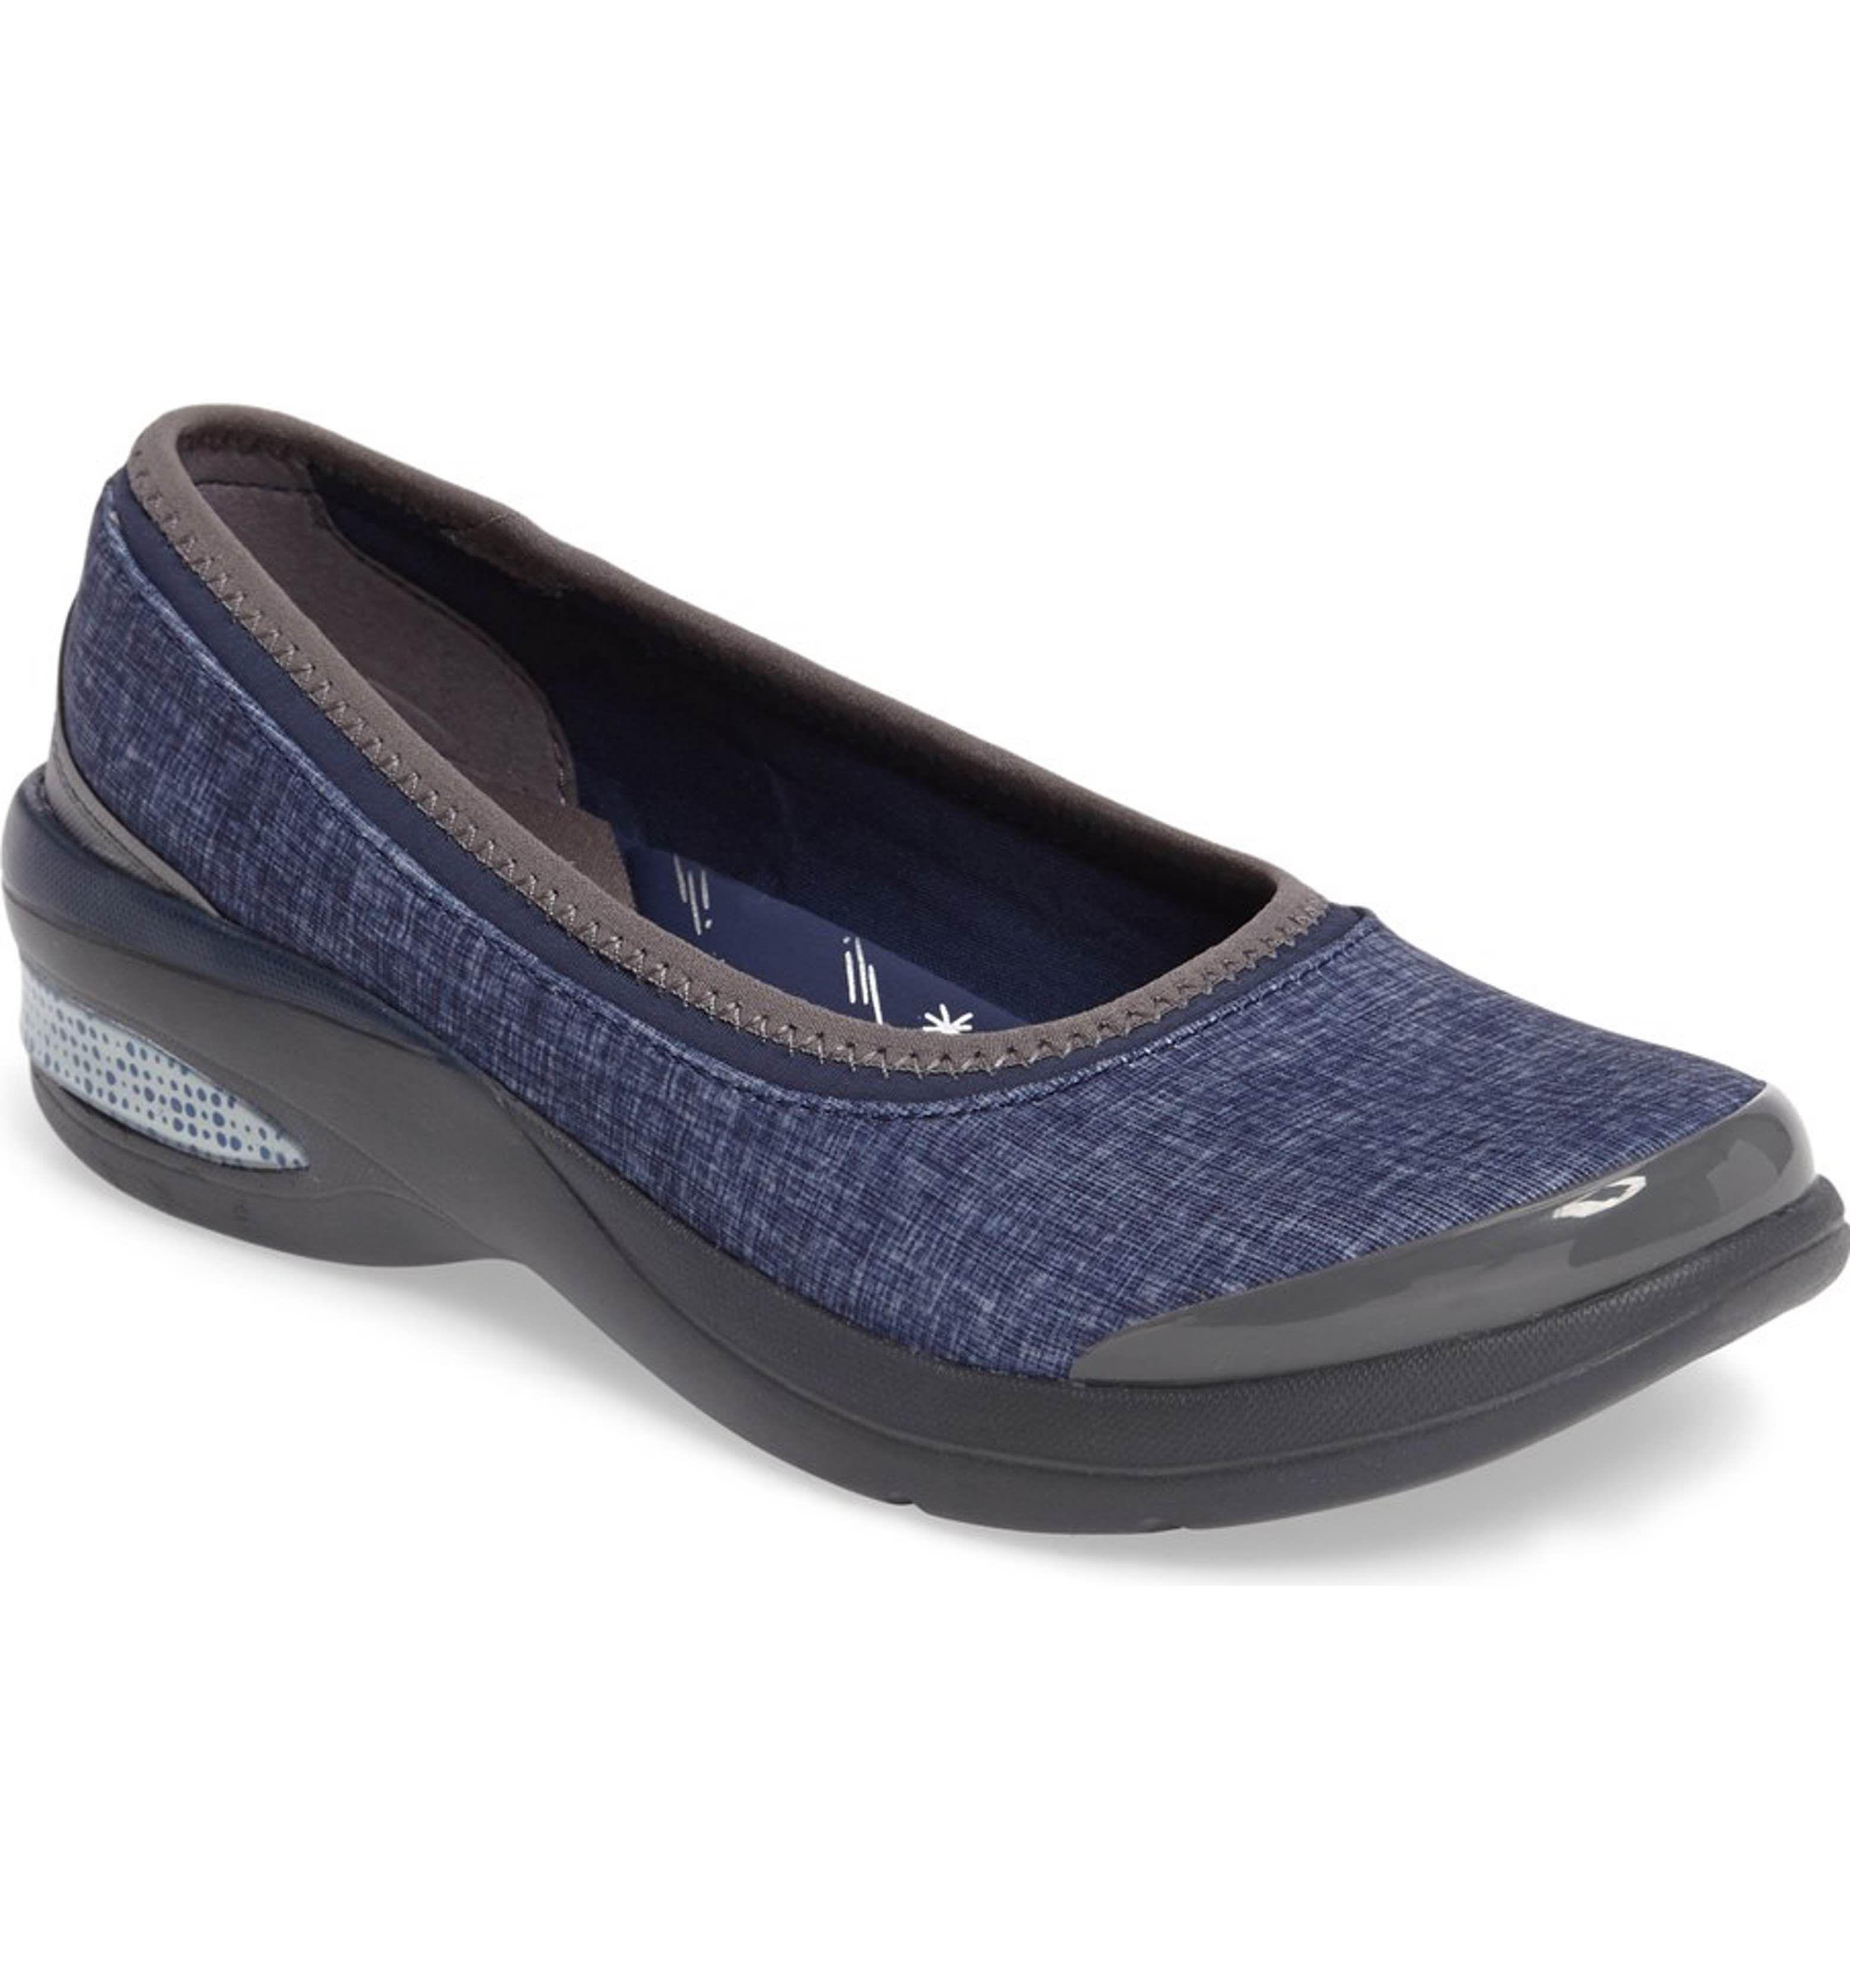 BZees 'Relax' Skimmer Flat (Women Womens flats, Shoes, Flats